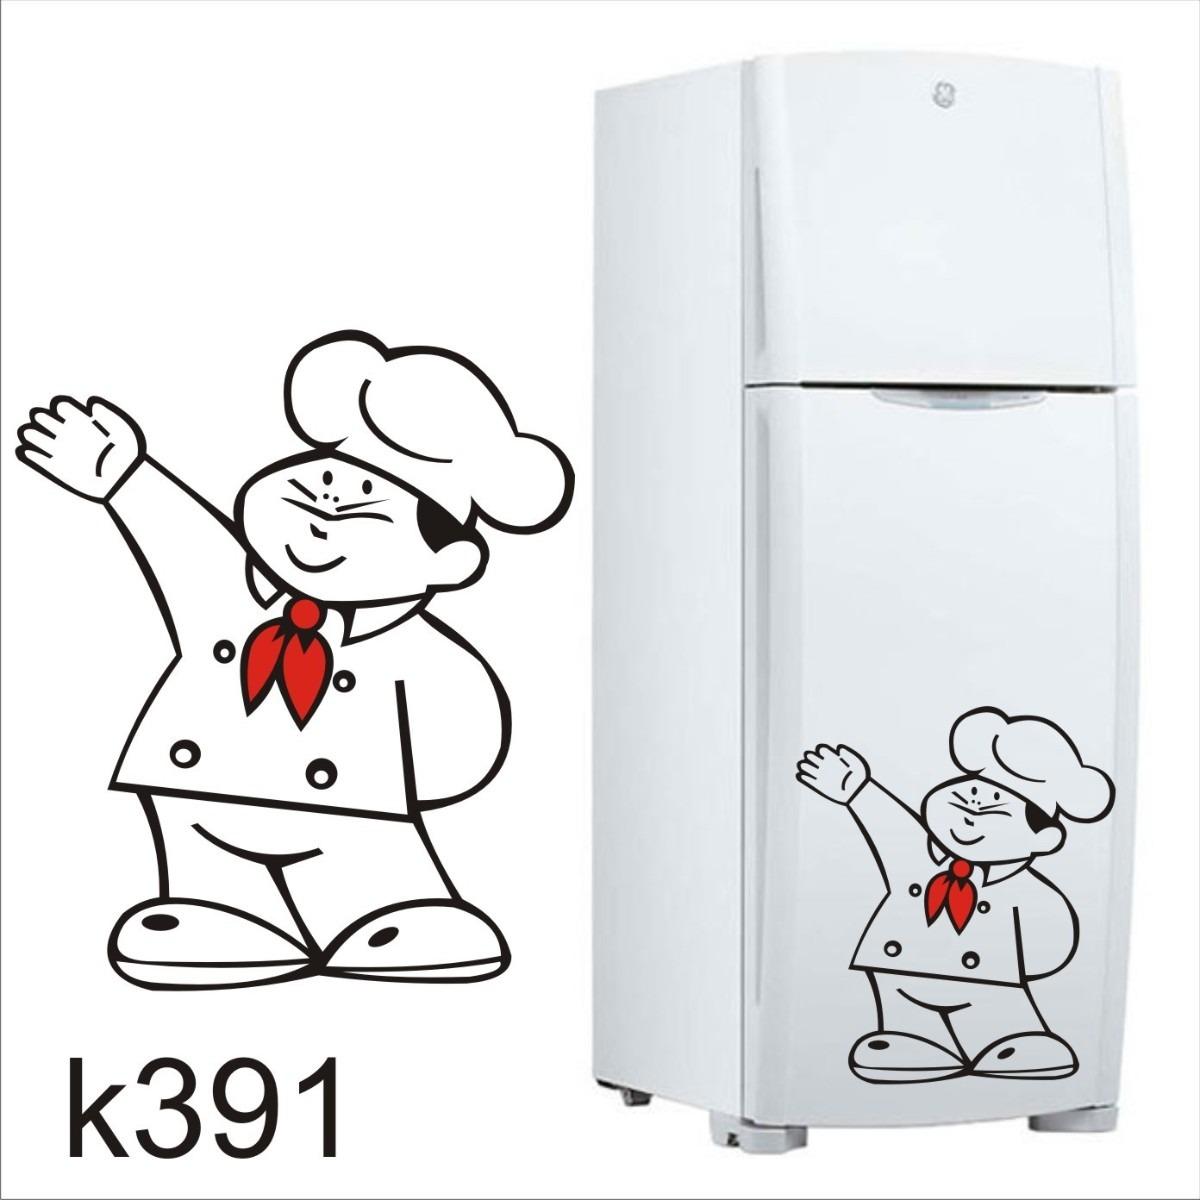 Armario Planejado Para Cozinha Pequena ~ Adesivo K391 Adesivo Cozinheiro De Geladeira Chef R$ 85,54 em Mercado Livre